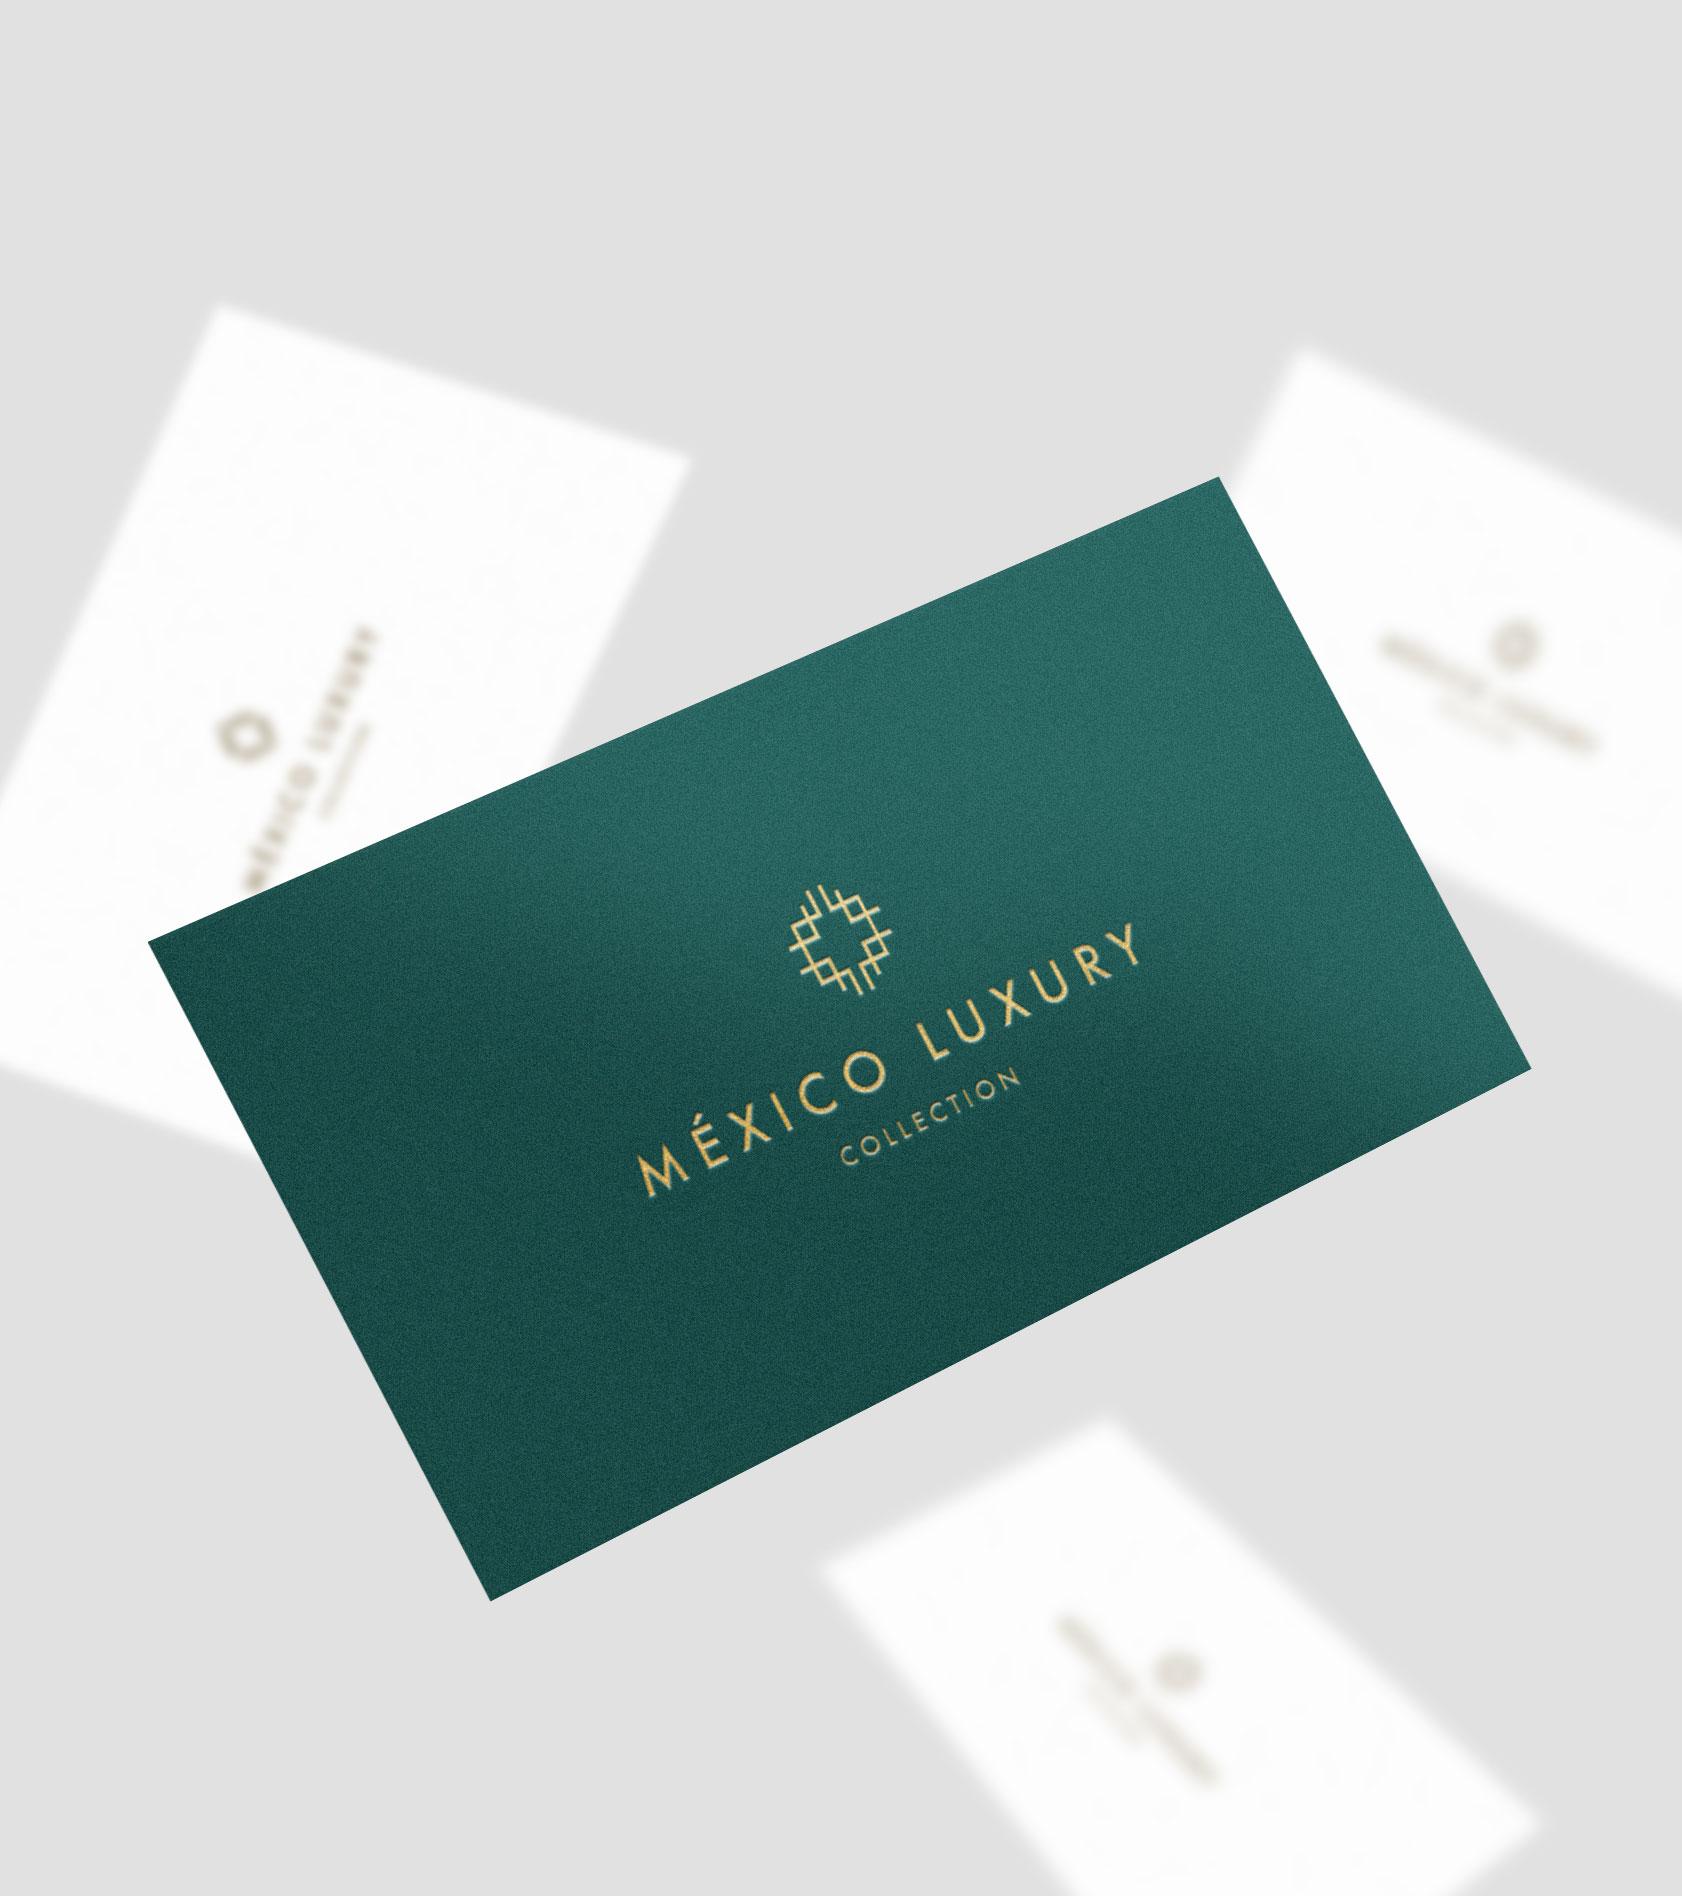 MexicoLuxury-1